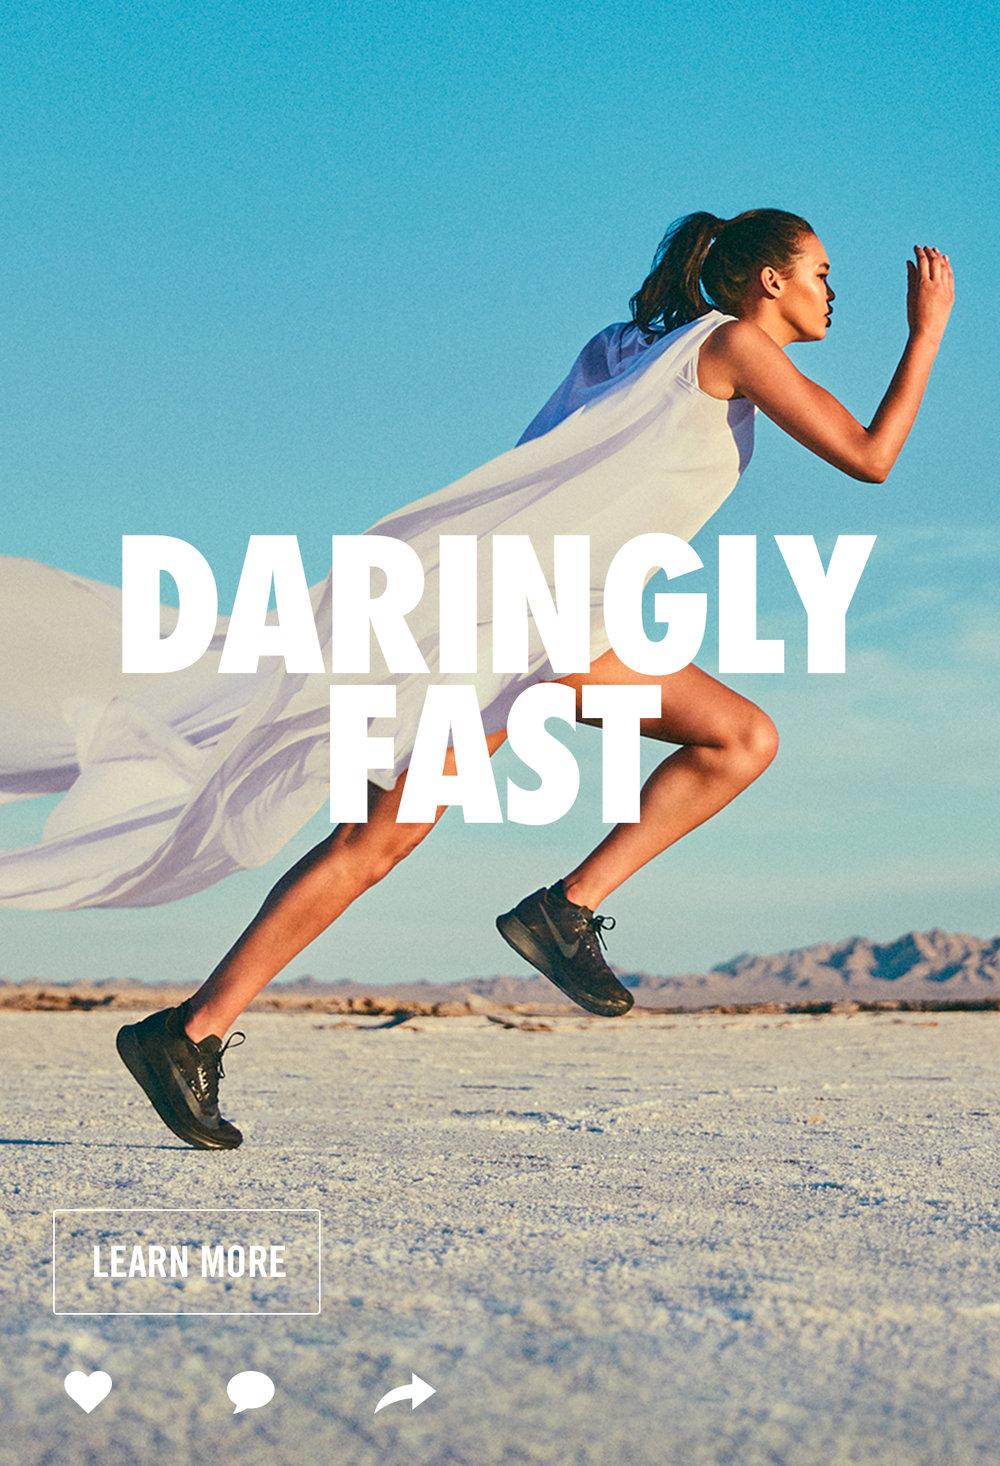 NIKE WOMEN'S RUNNING | DARINGLY FAST